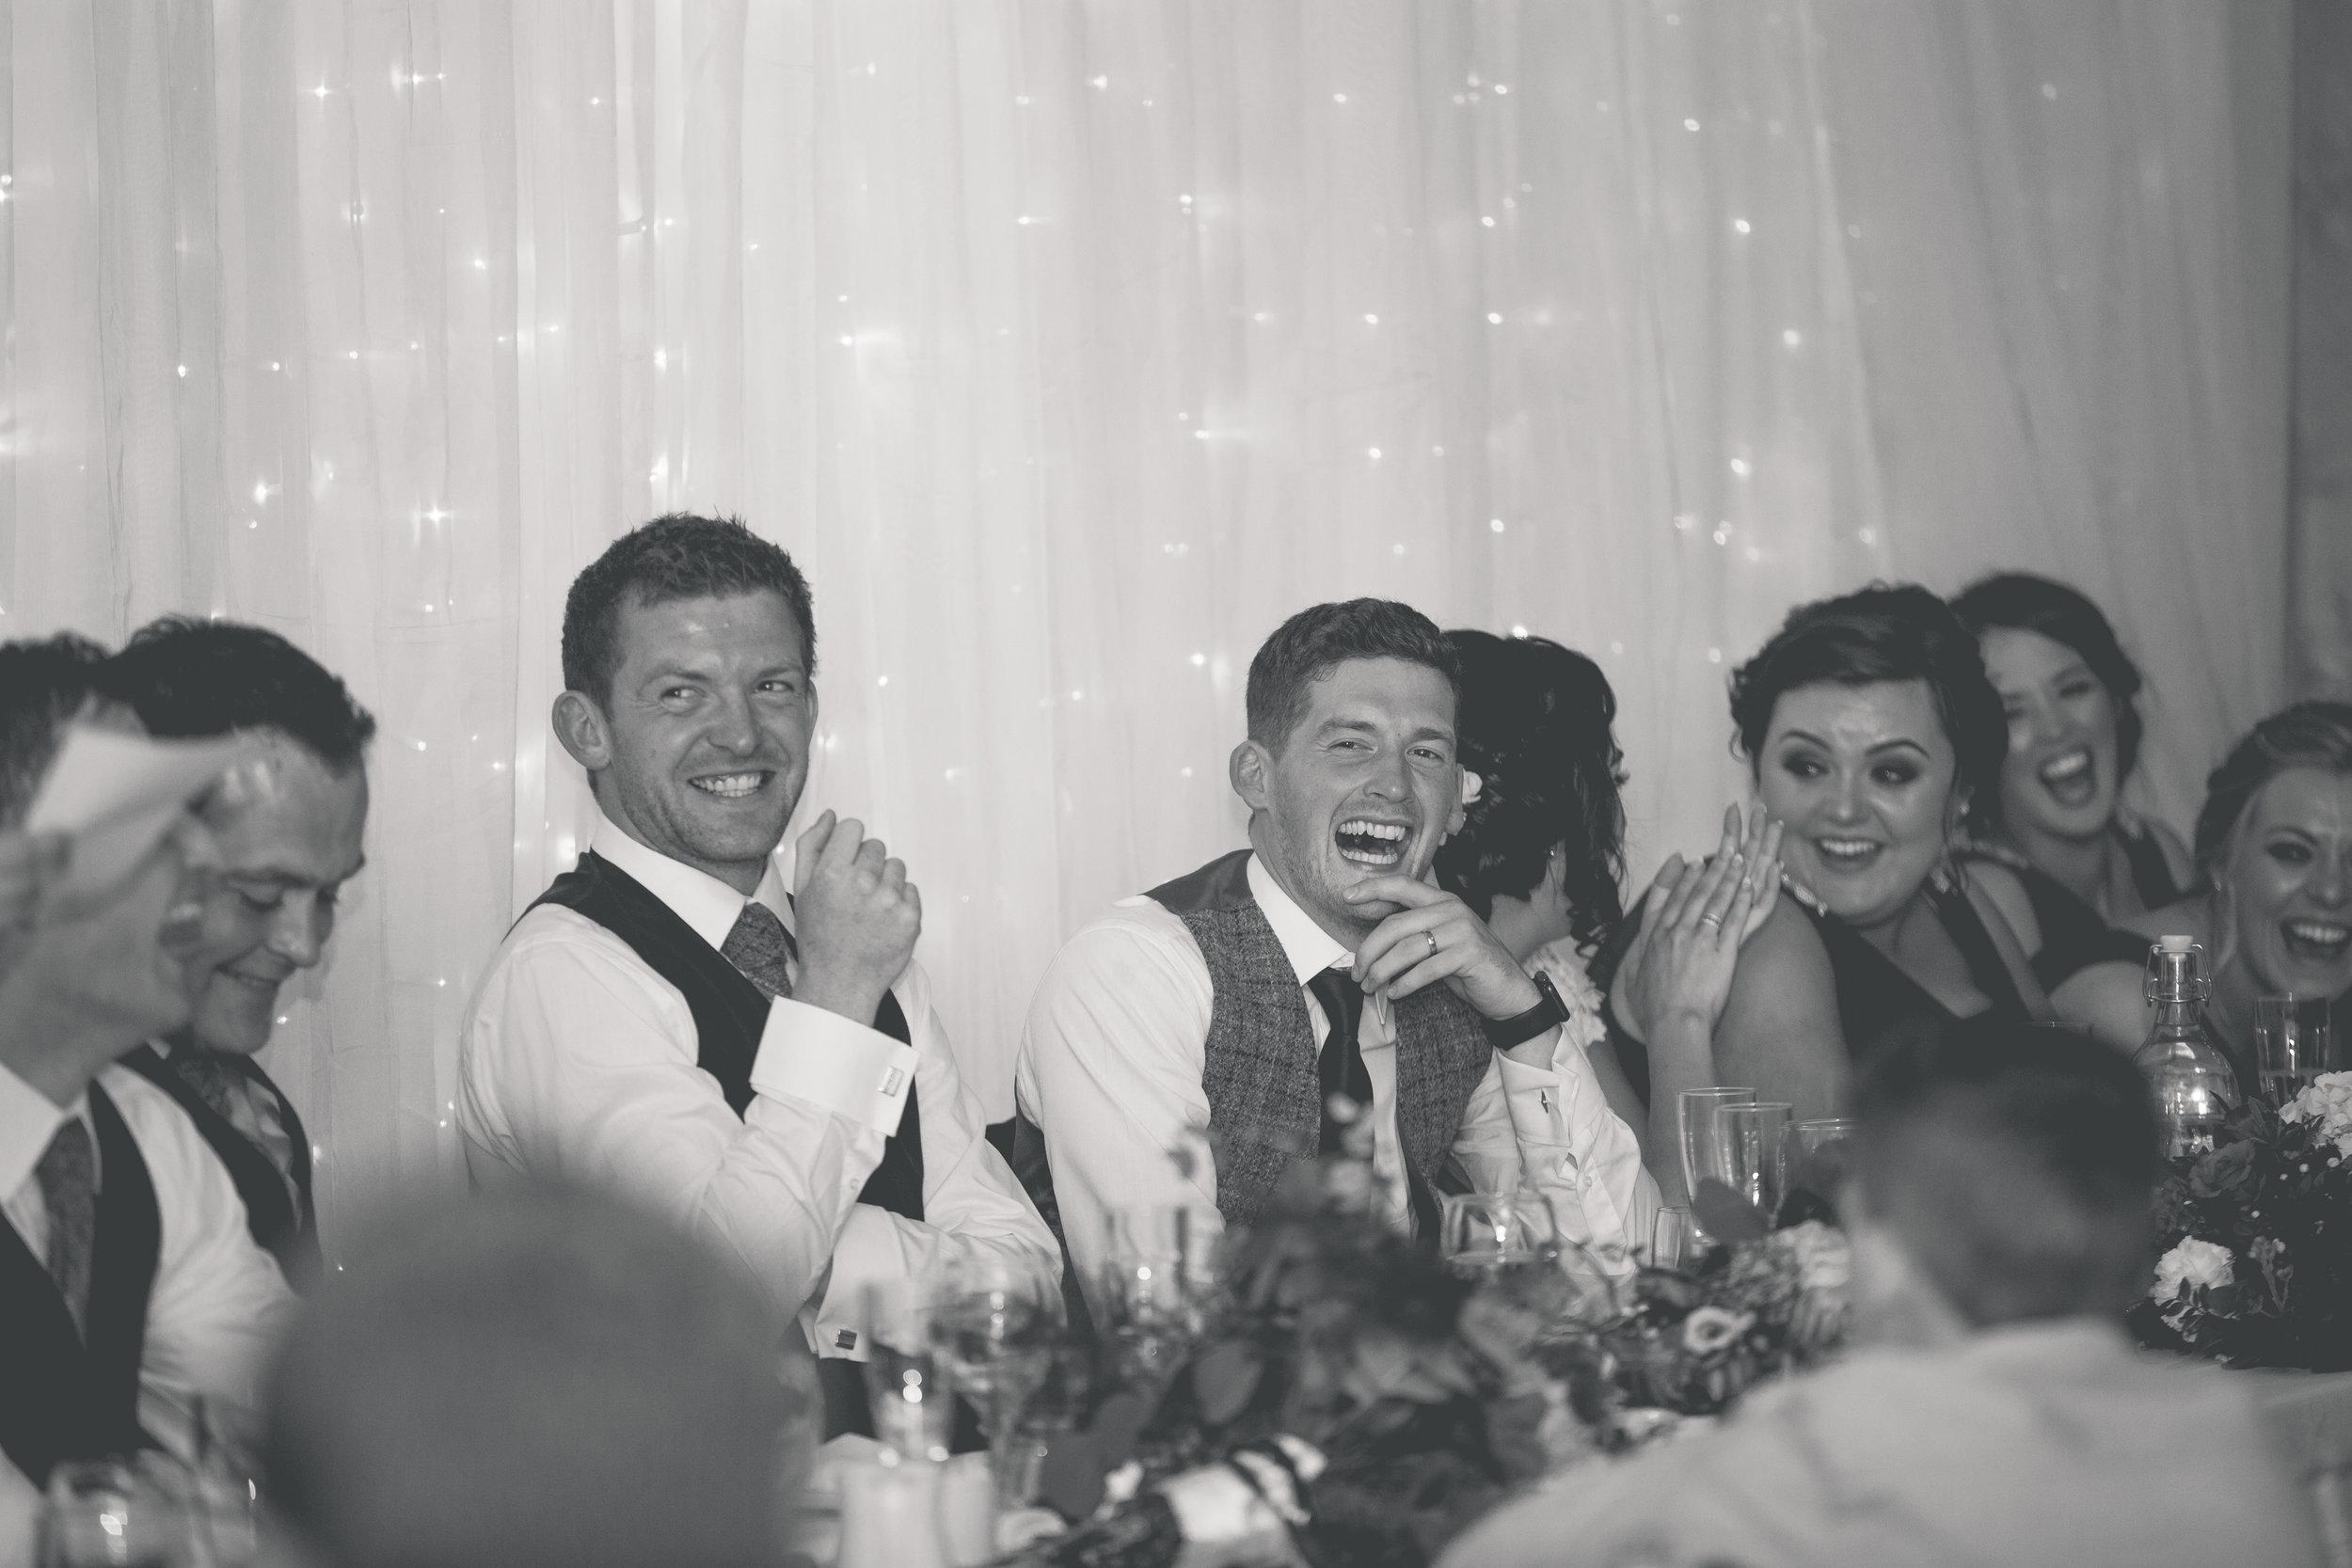 Brian McEwan Wedding Photography | Carol-Anne & Sean | The Speeches-115.jpg